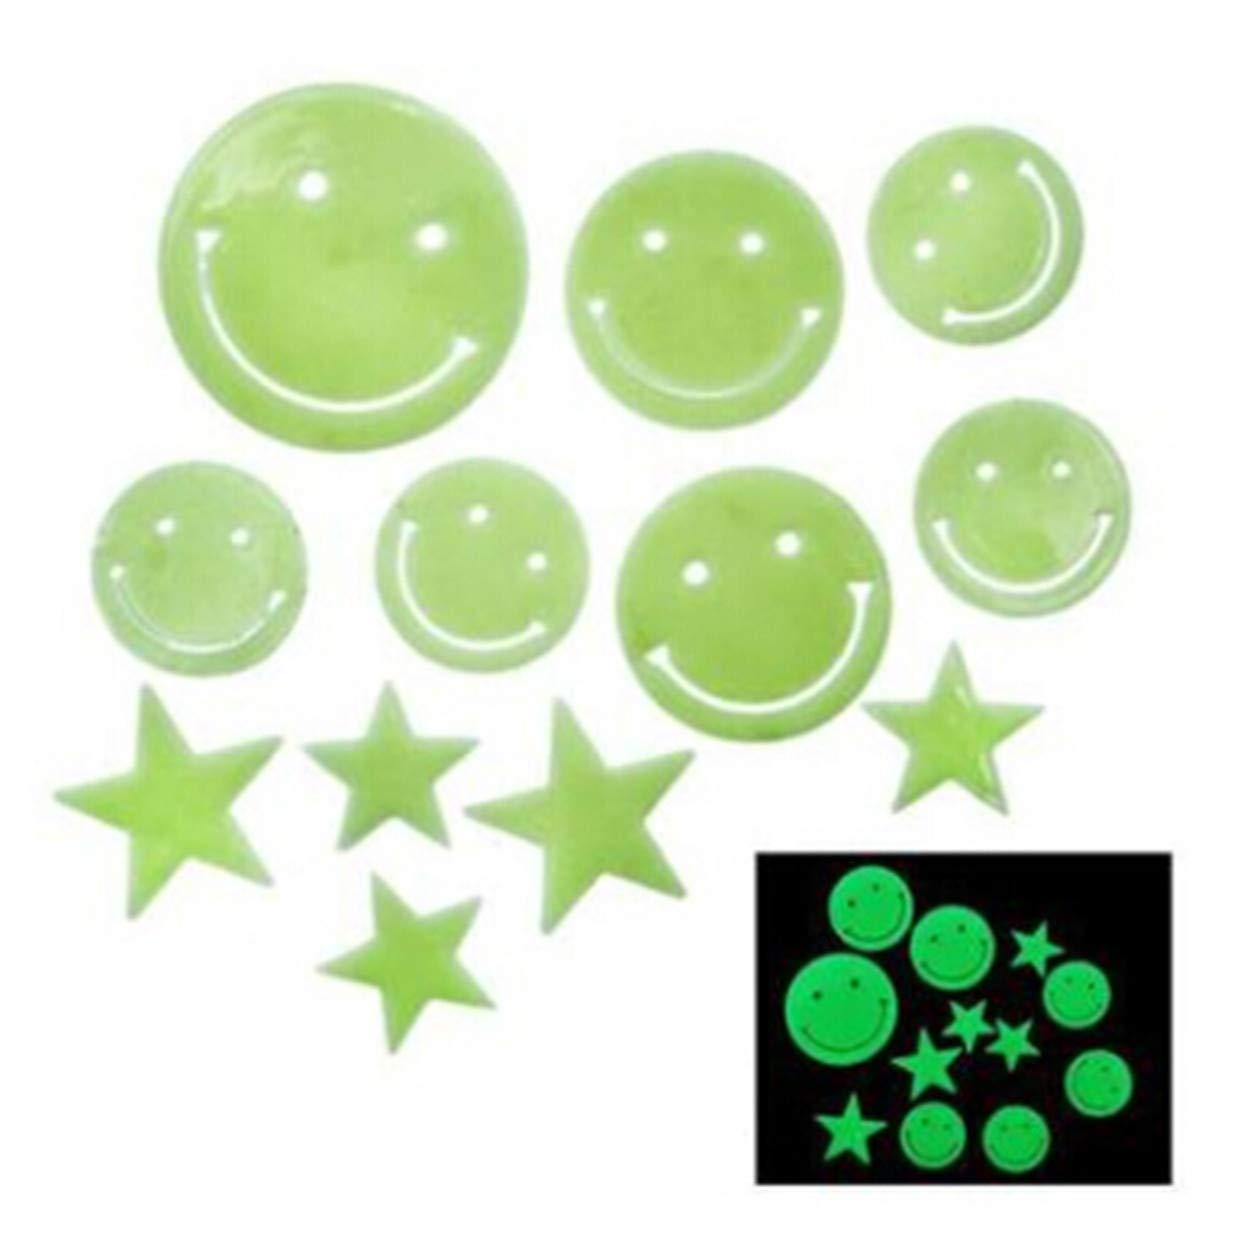 EJY Smiley Face et Les étoiles Autocollants de Plafond Lumineux Fluorescents Stickers Muraux Décoration Murale Chambre de Bébé Enfant 88_Store